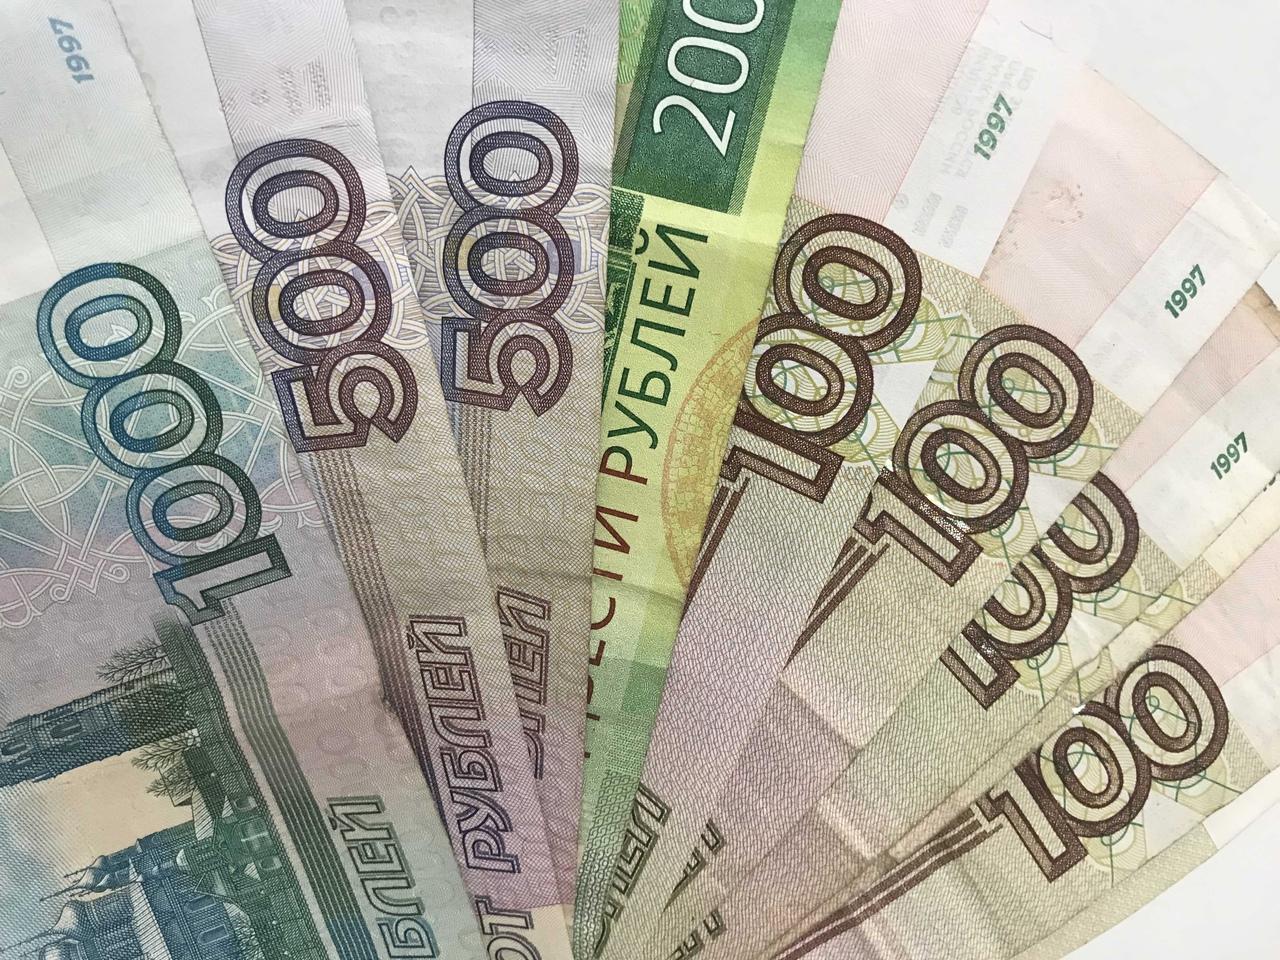 В Жуковке работодатель выплатил сотруднице 30 тысяч рублей за вынужденный прогул